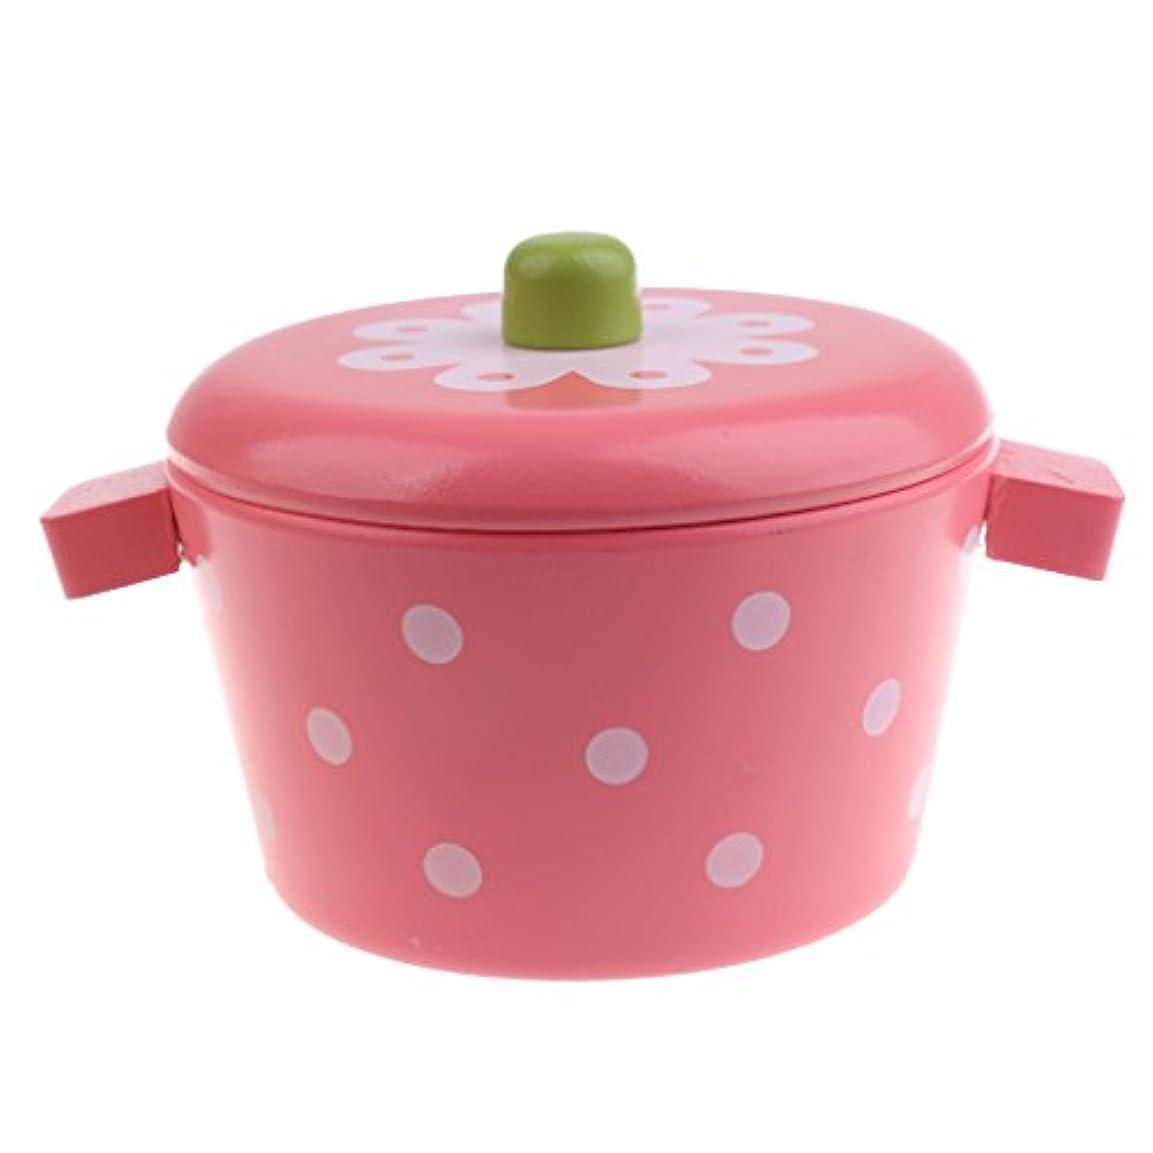 国バスずっと木製鍋/魚/サンデー/アイスキャンデー子供子供キッチン料理ふりプレイおもちゃ - ミニスチーポット